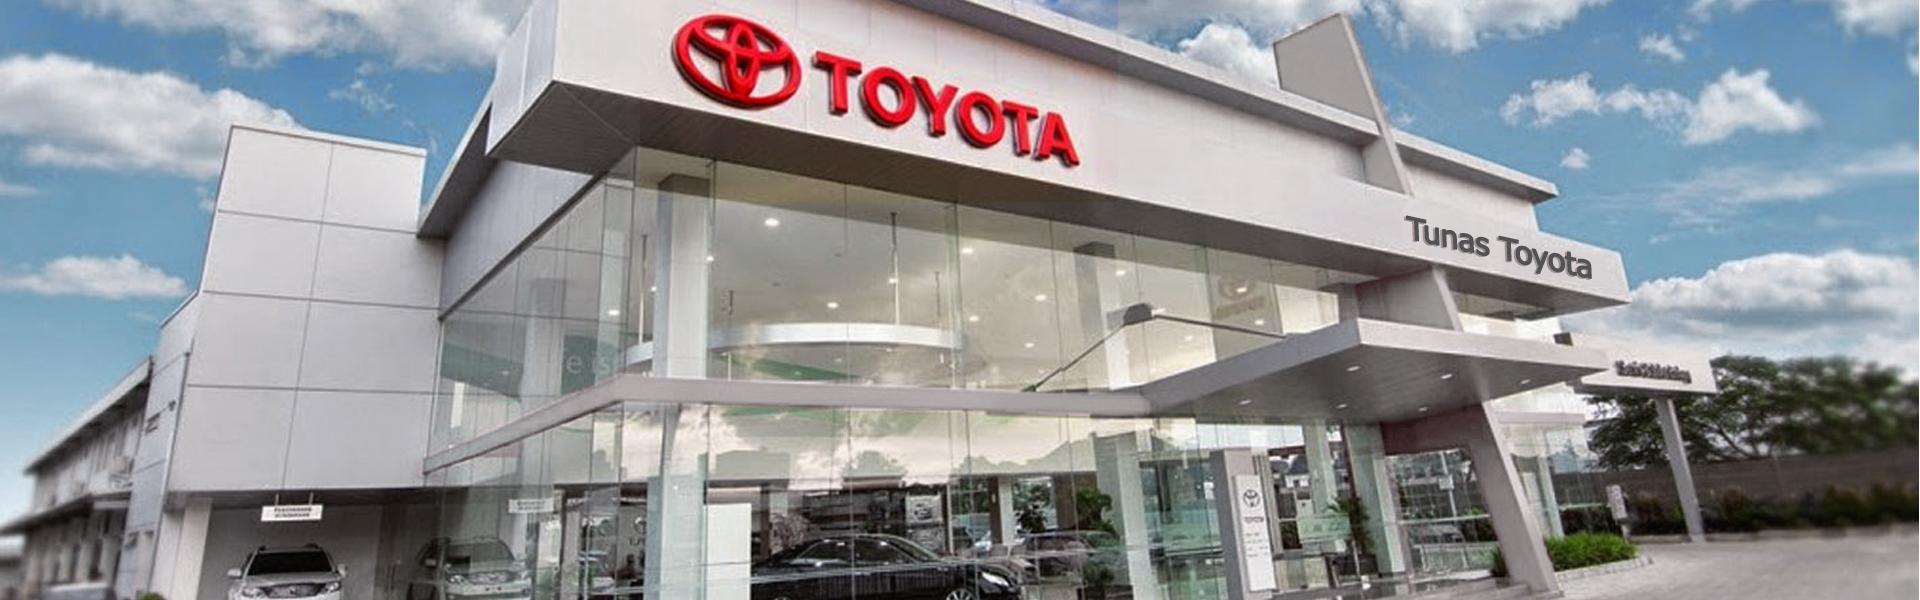 Tunas Toyota Serang Cilegon